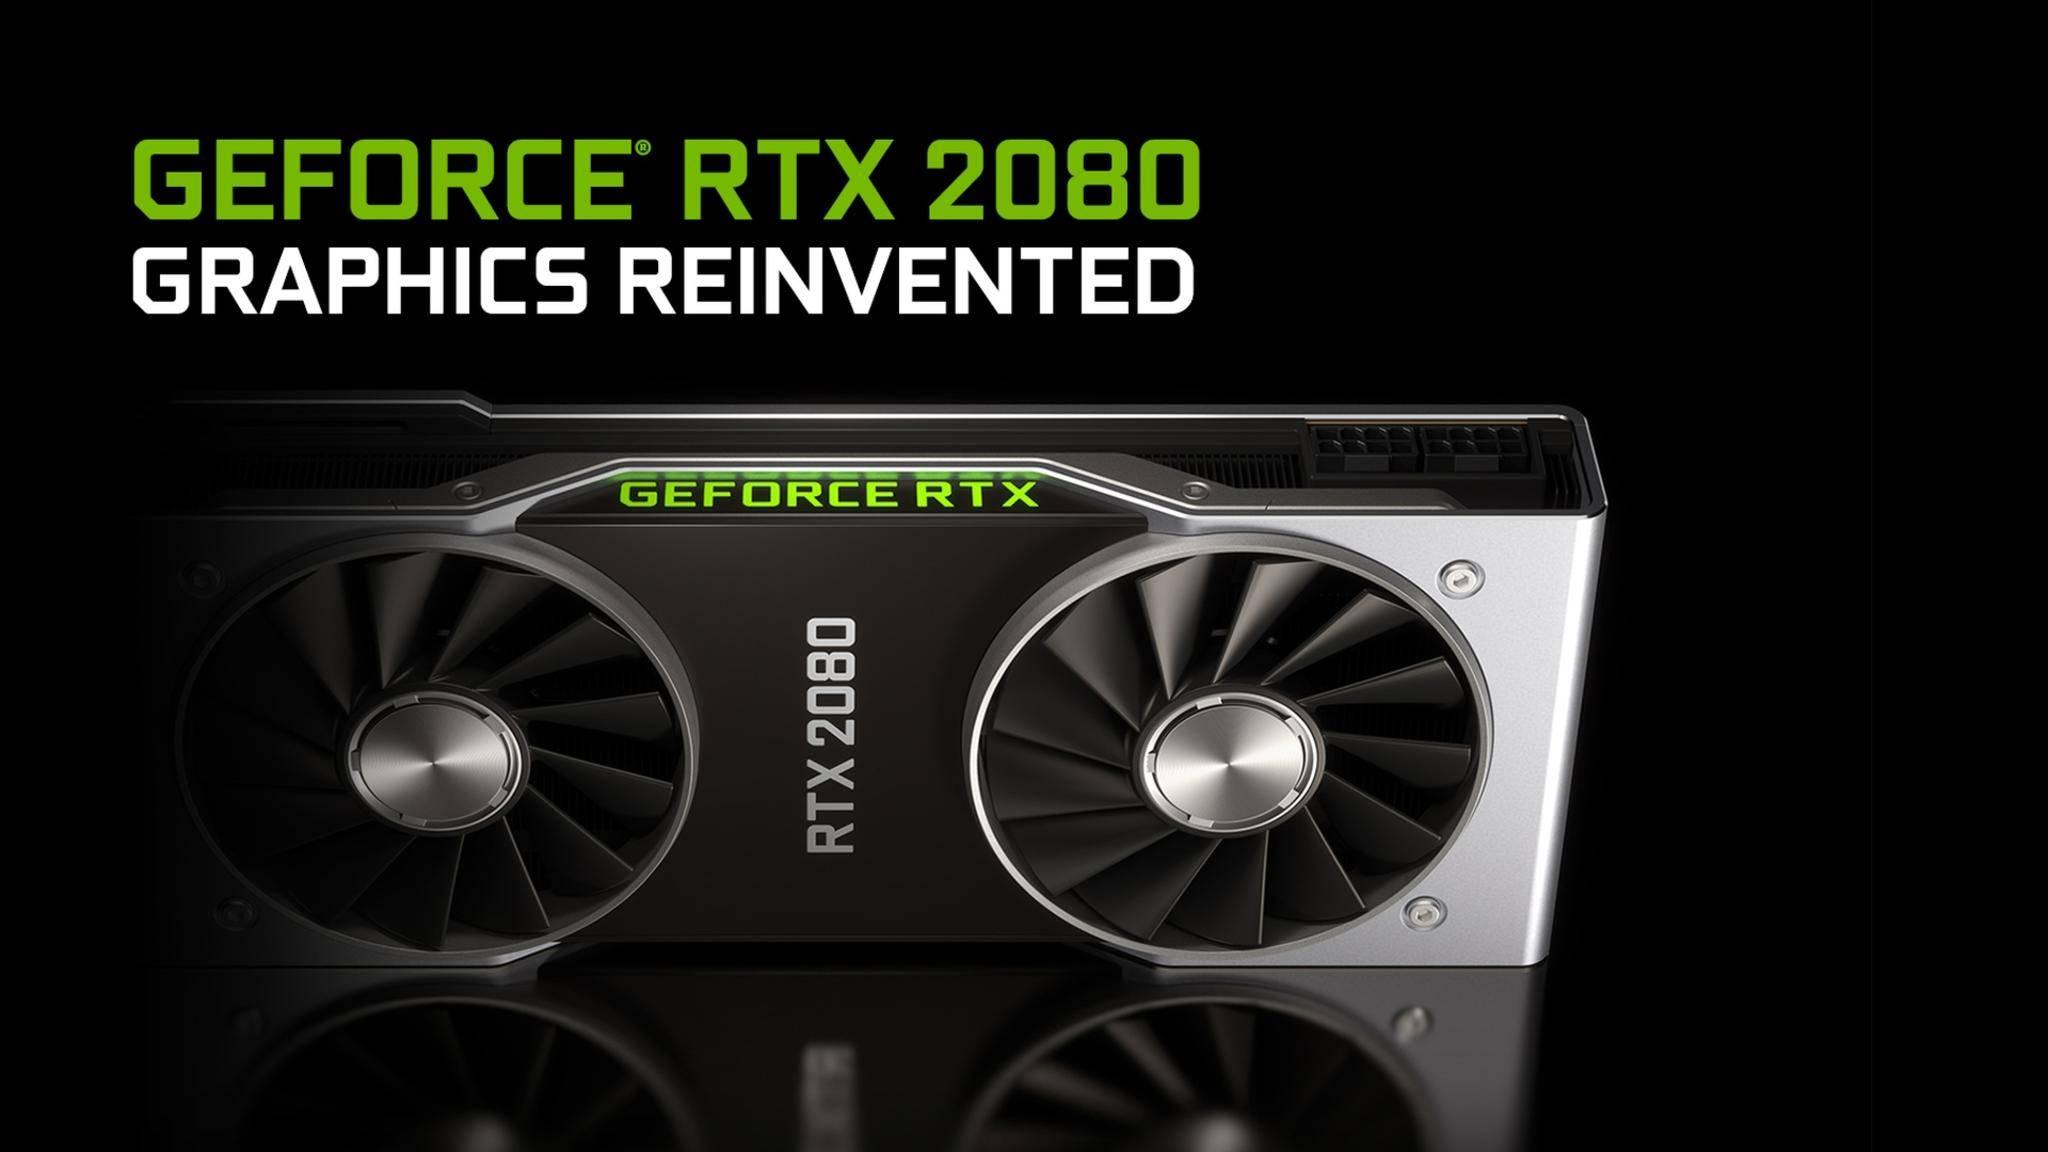 Bekommen wir am 31. August die Nachfolger der GeForce RTX 2080 zu sehen?